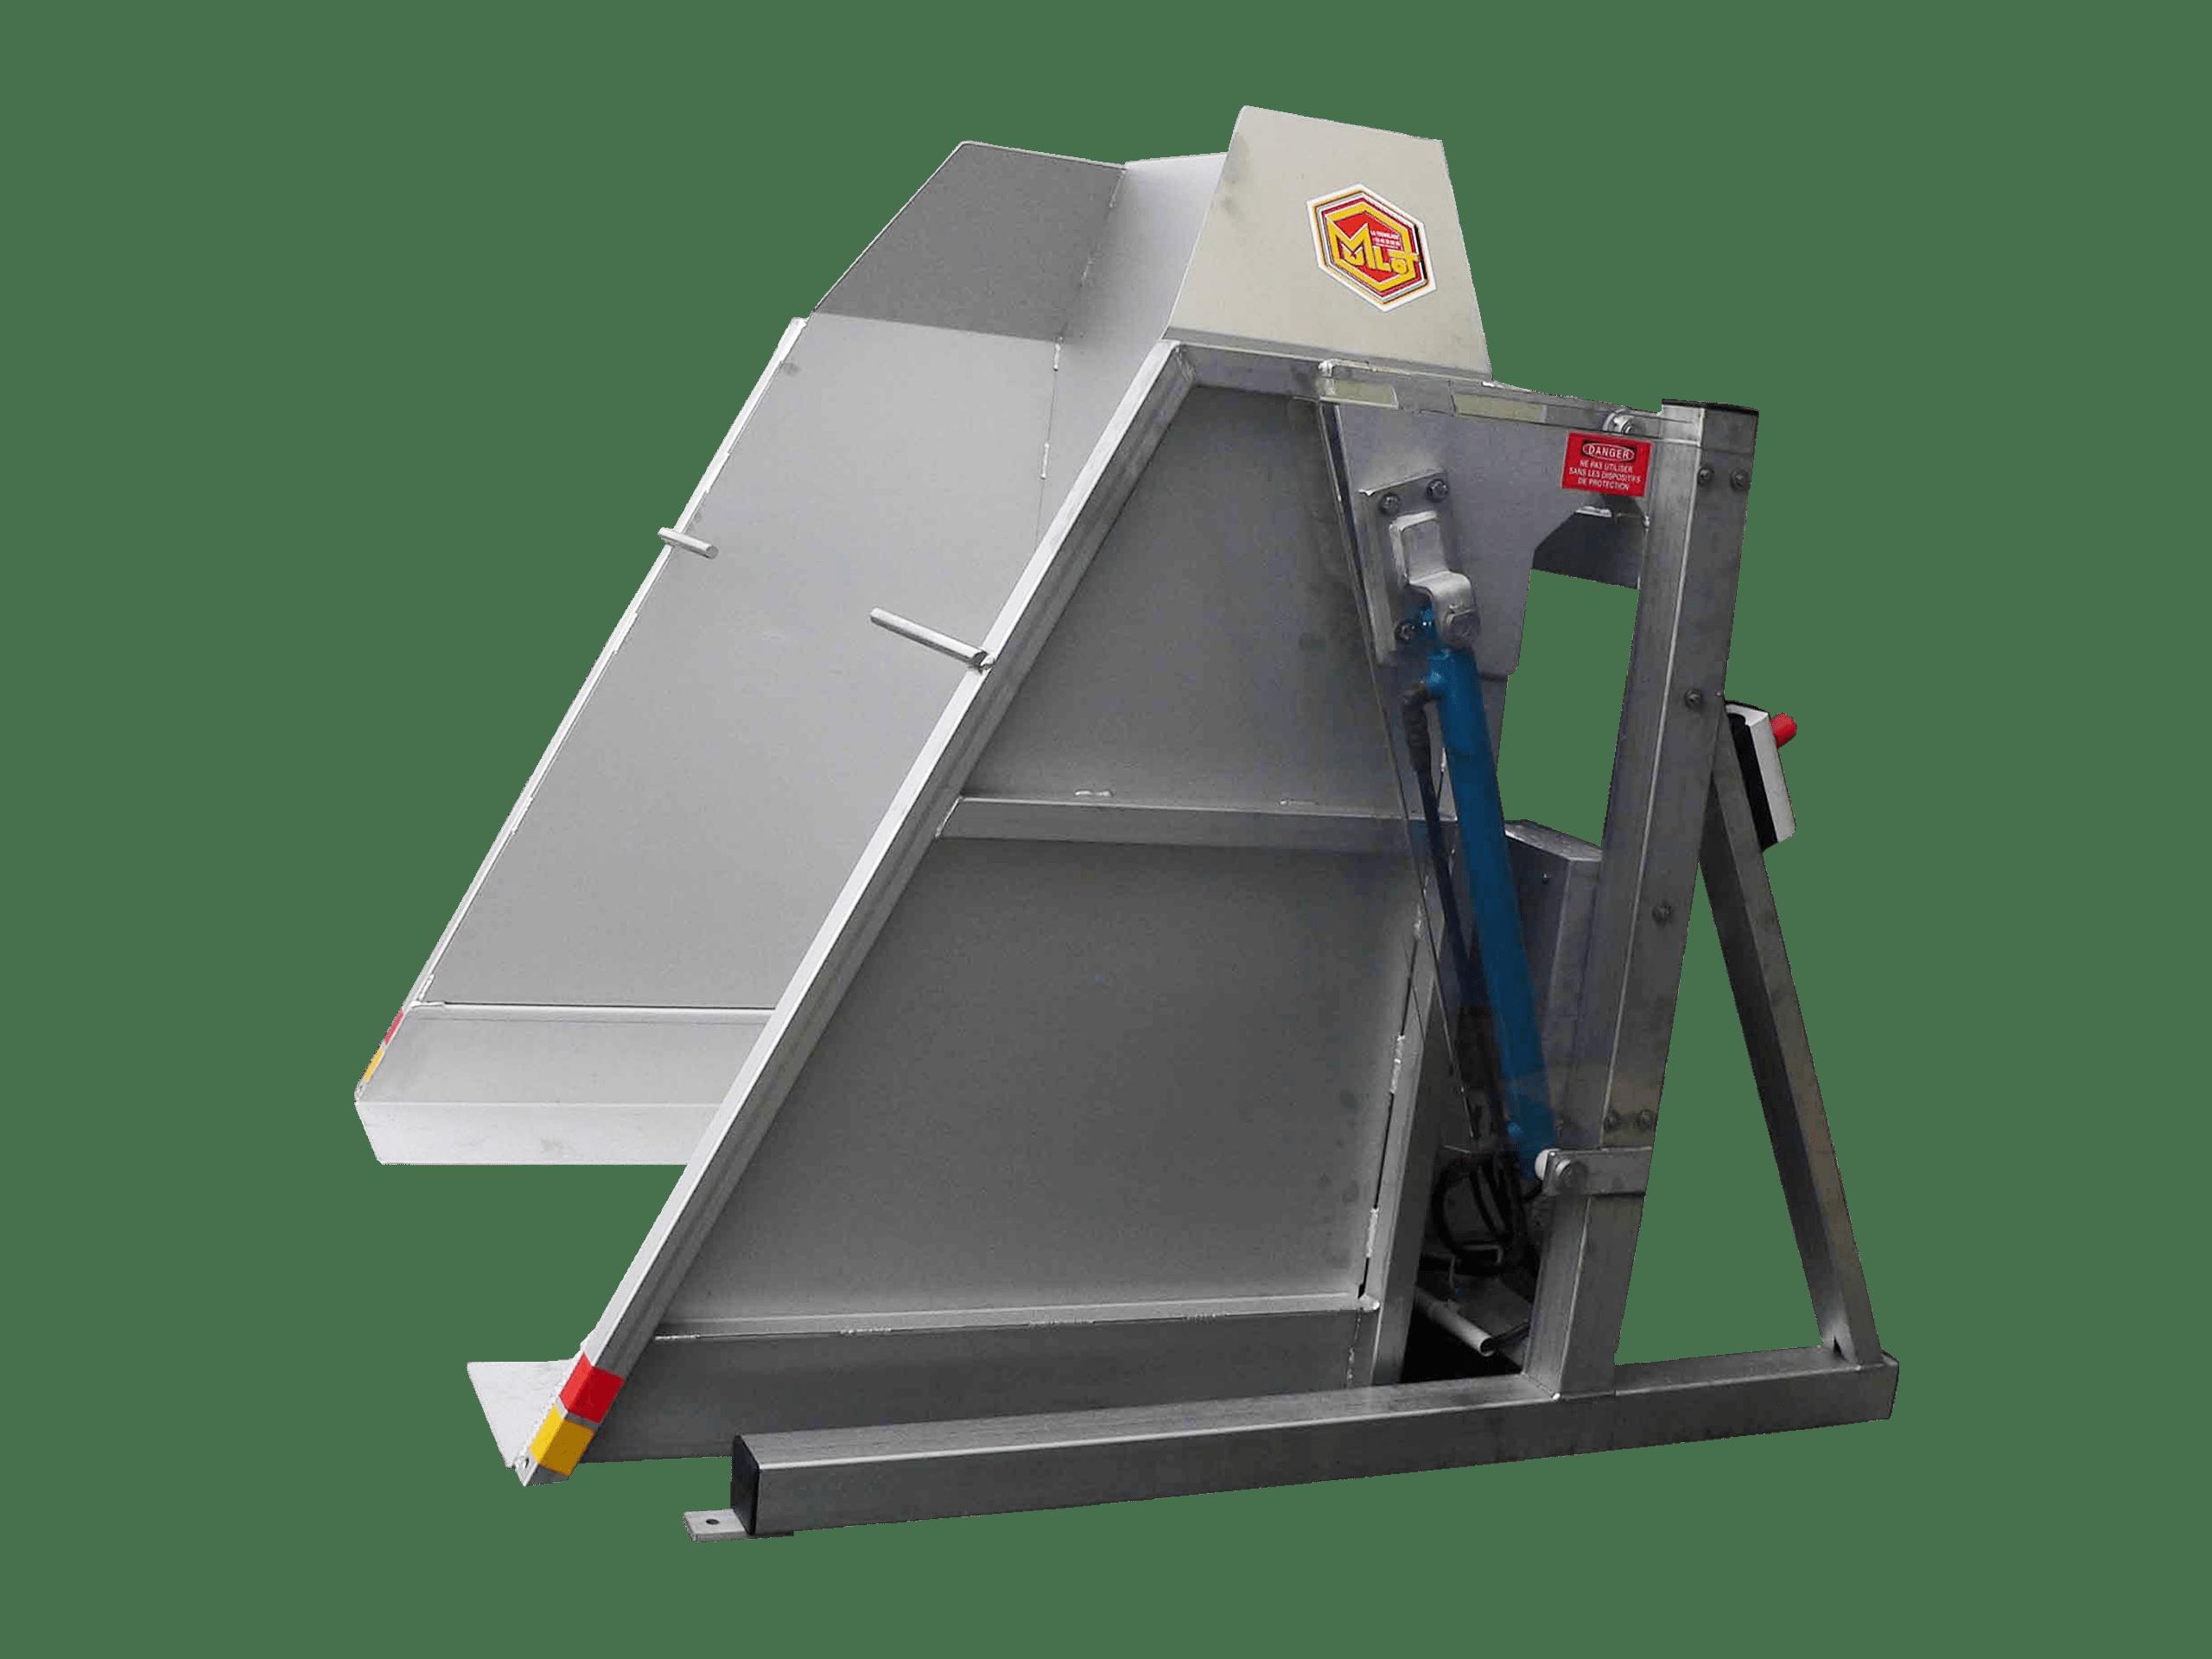 Caisse De Pomme Vide vide palox - matériel pour fruits et légumes - mulot agro